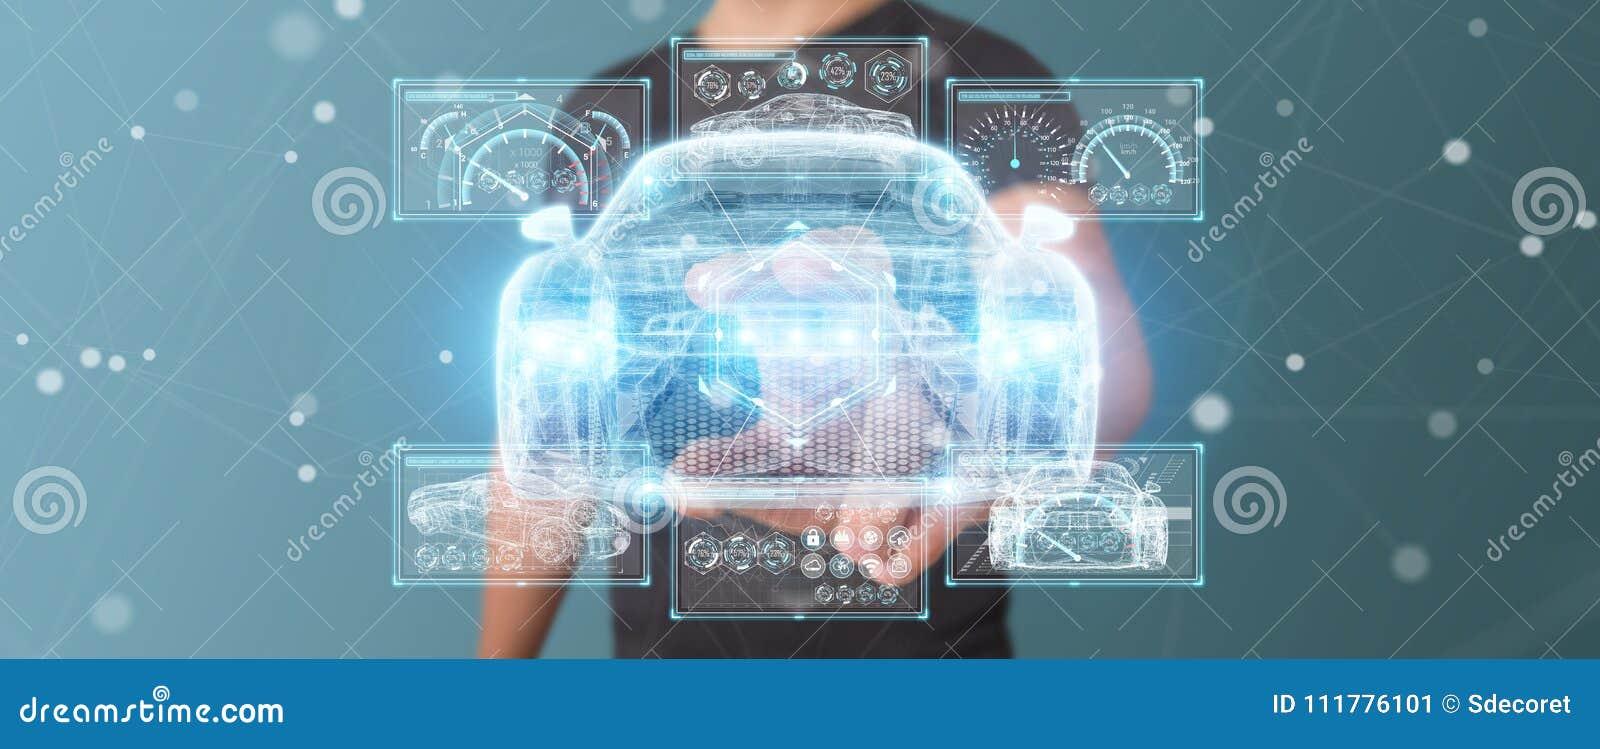 Бизнесмен используя современный умный перевод интерфейса 3D автомобиля